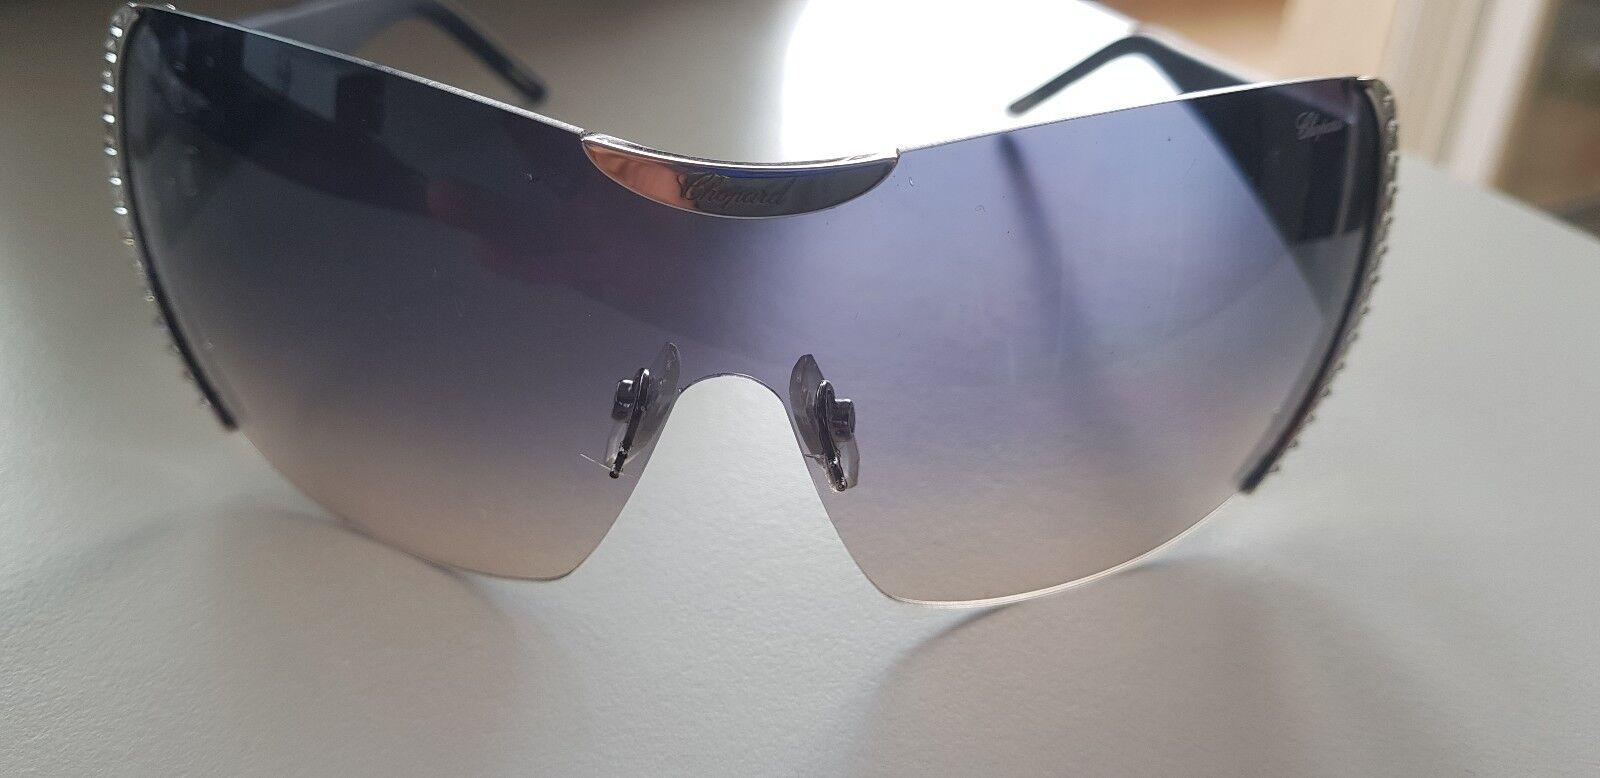 Chopard Sonnenbrille Sonnenbrille Sonnenbrille  | Neueste Technologie  | Ausgang  | Billig  bb4e7c